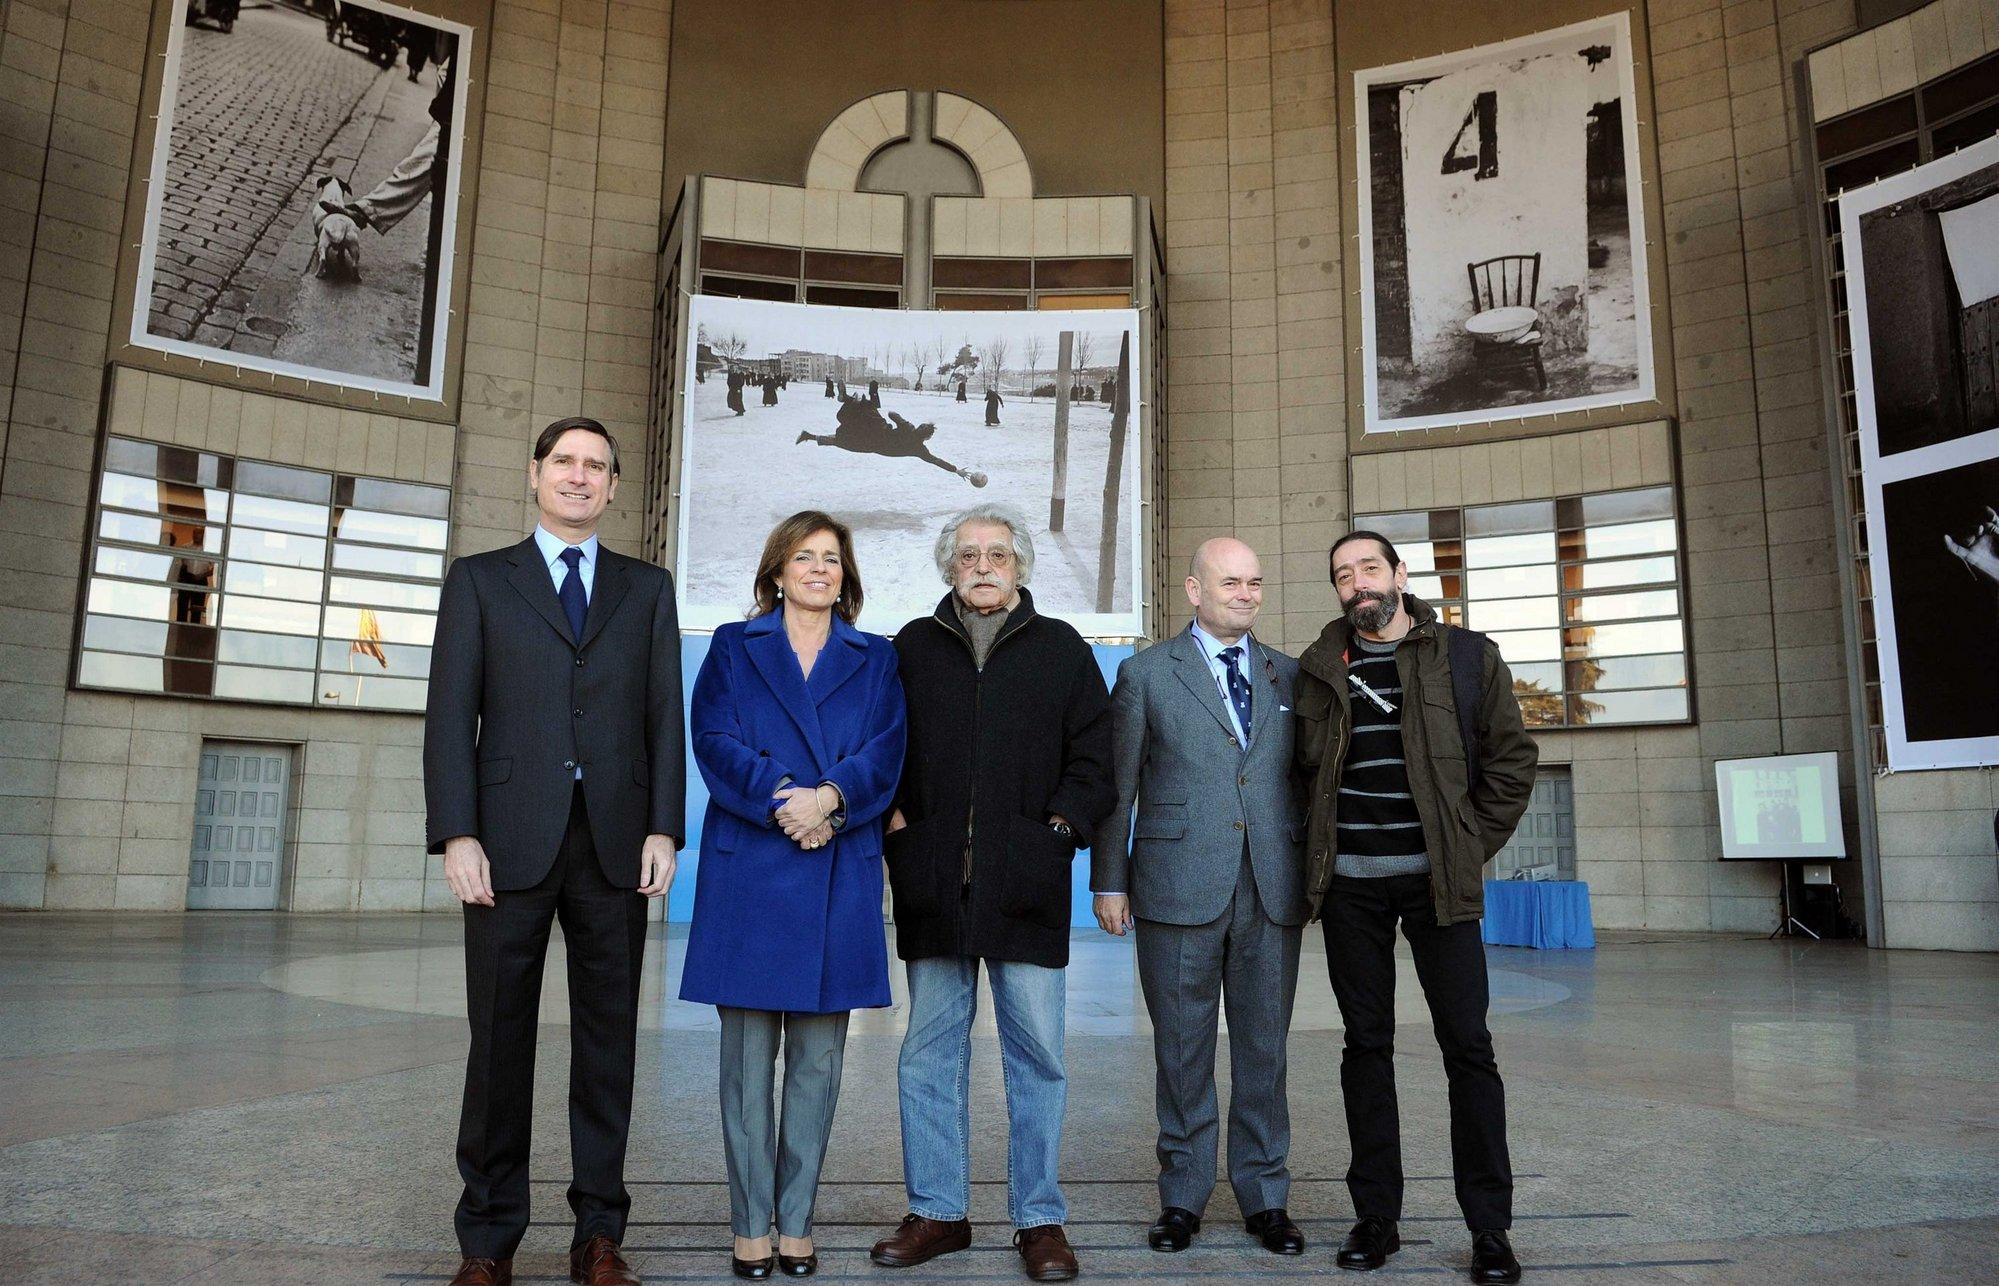 Ramón visita la exposición fotográfica de Ramón Masats